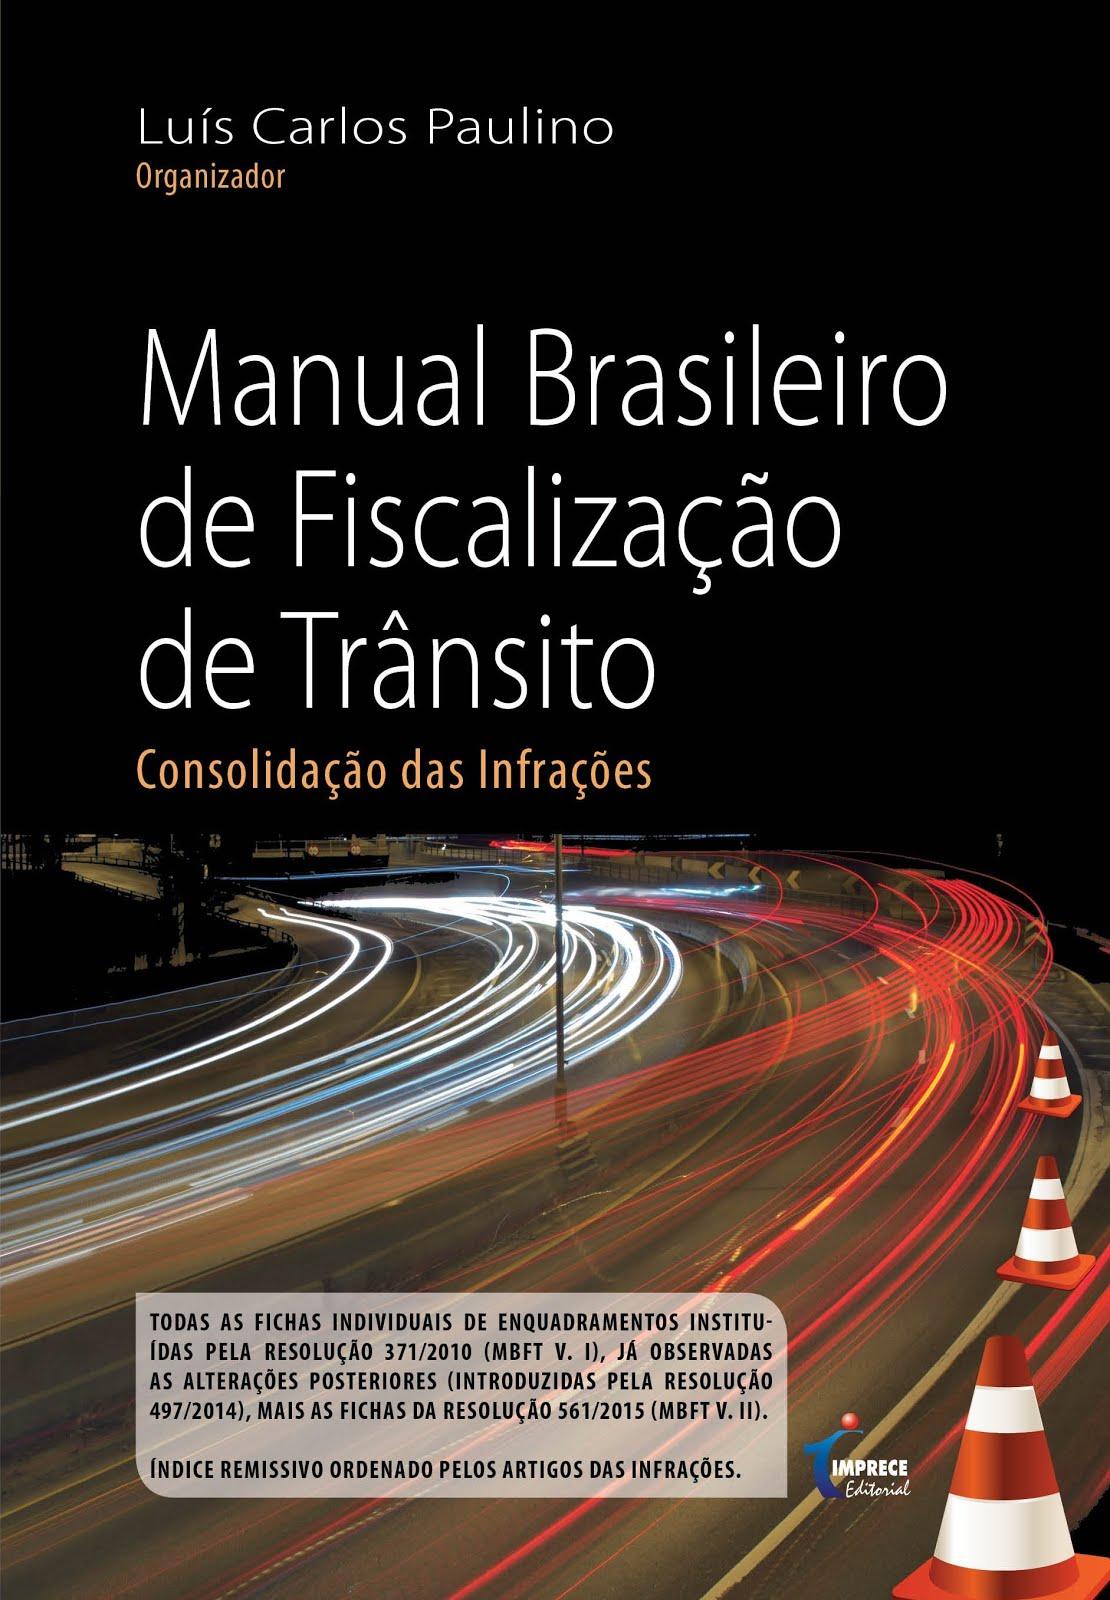 MANUAL BRASILEIRO DE FISCALIZAÇÃO DE TRÂNSITO: consolidação das infrações